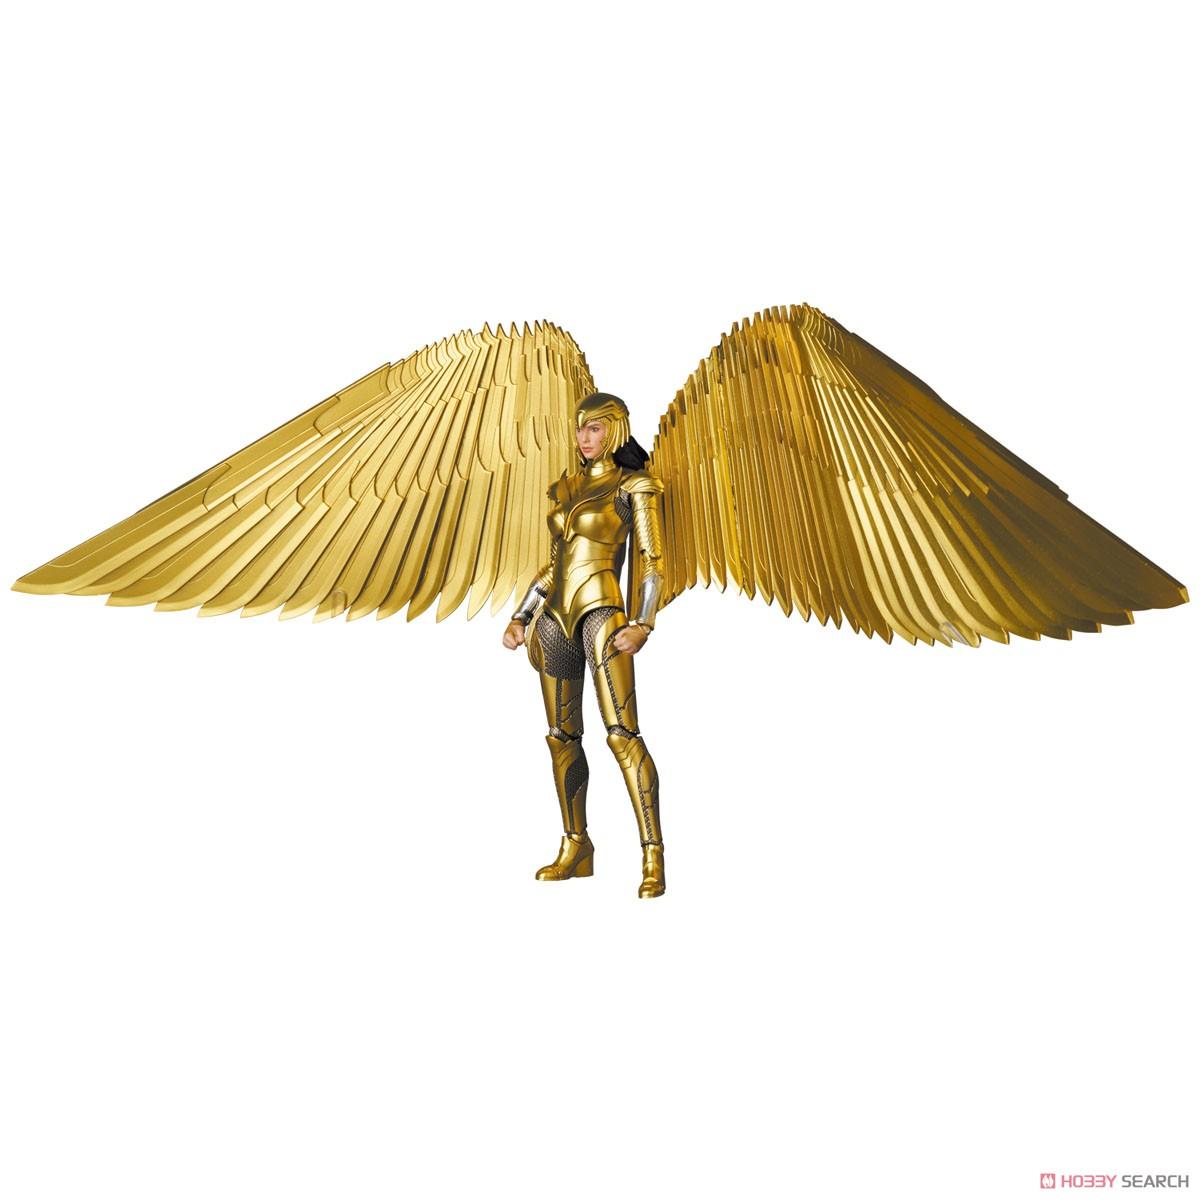 マフェックス No.148 MAFEX『ワンダーウーマン 1984 ゴールドアーマー版/WONDER WOMAN GOLDEN ARMOR Ver.』可動フィギュア-011